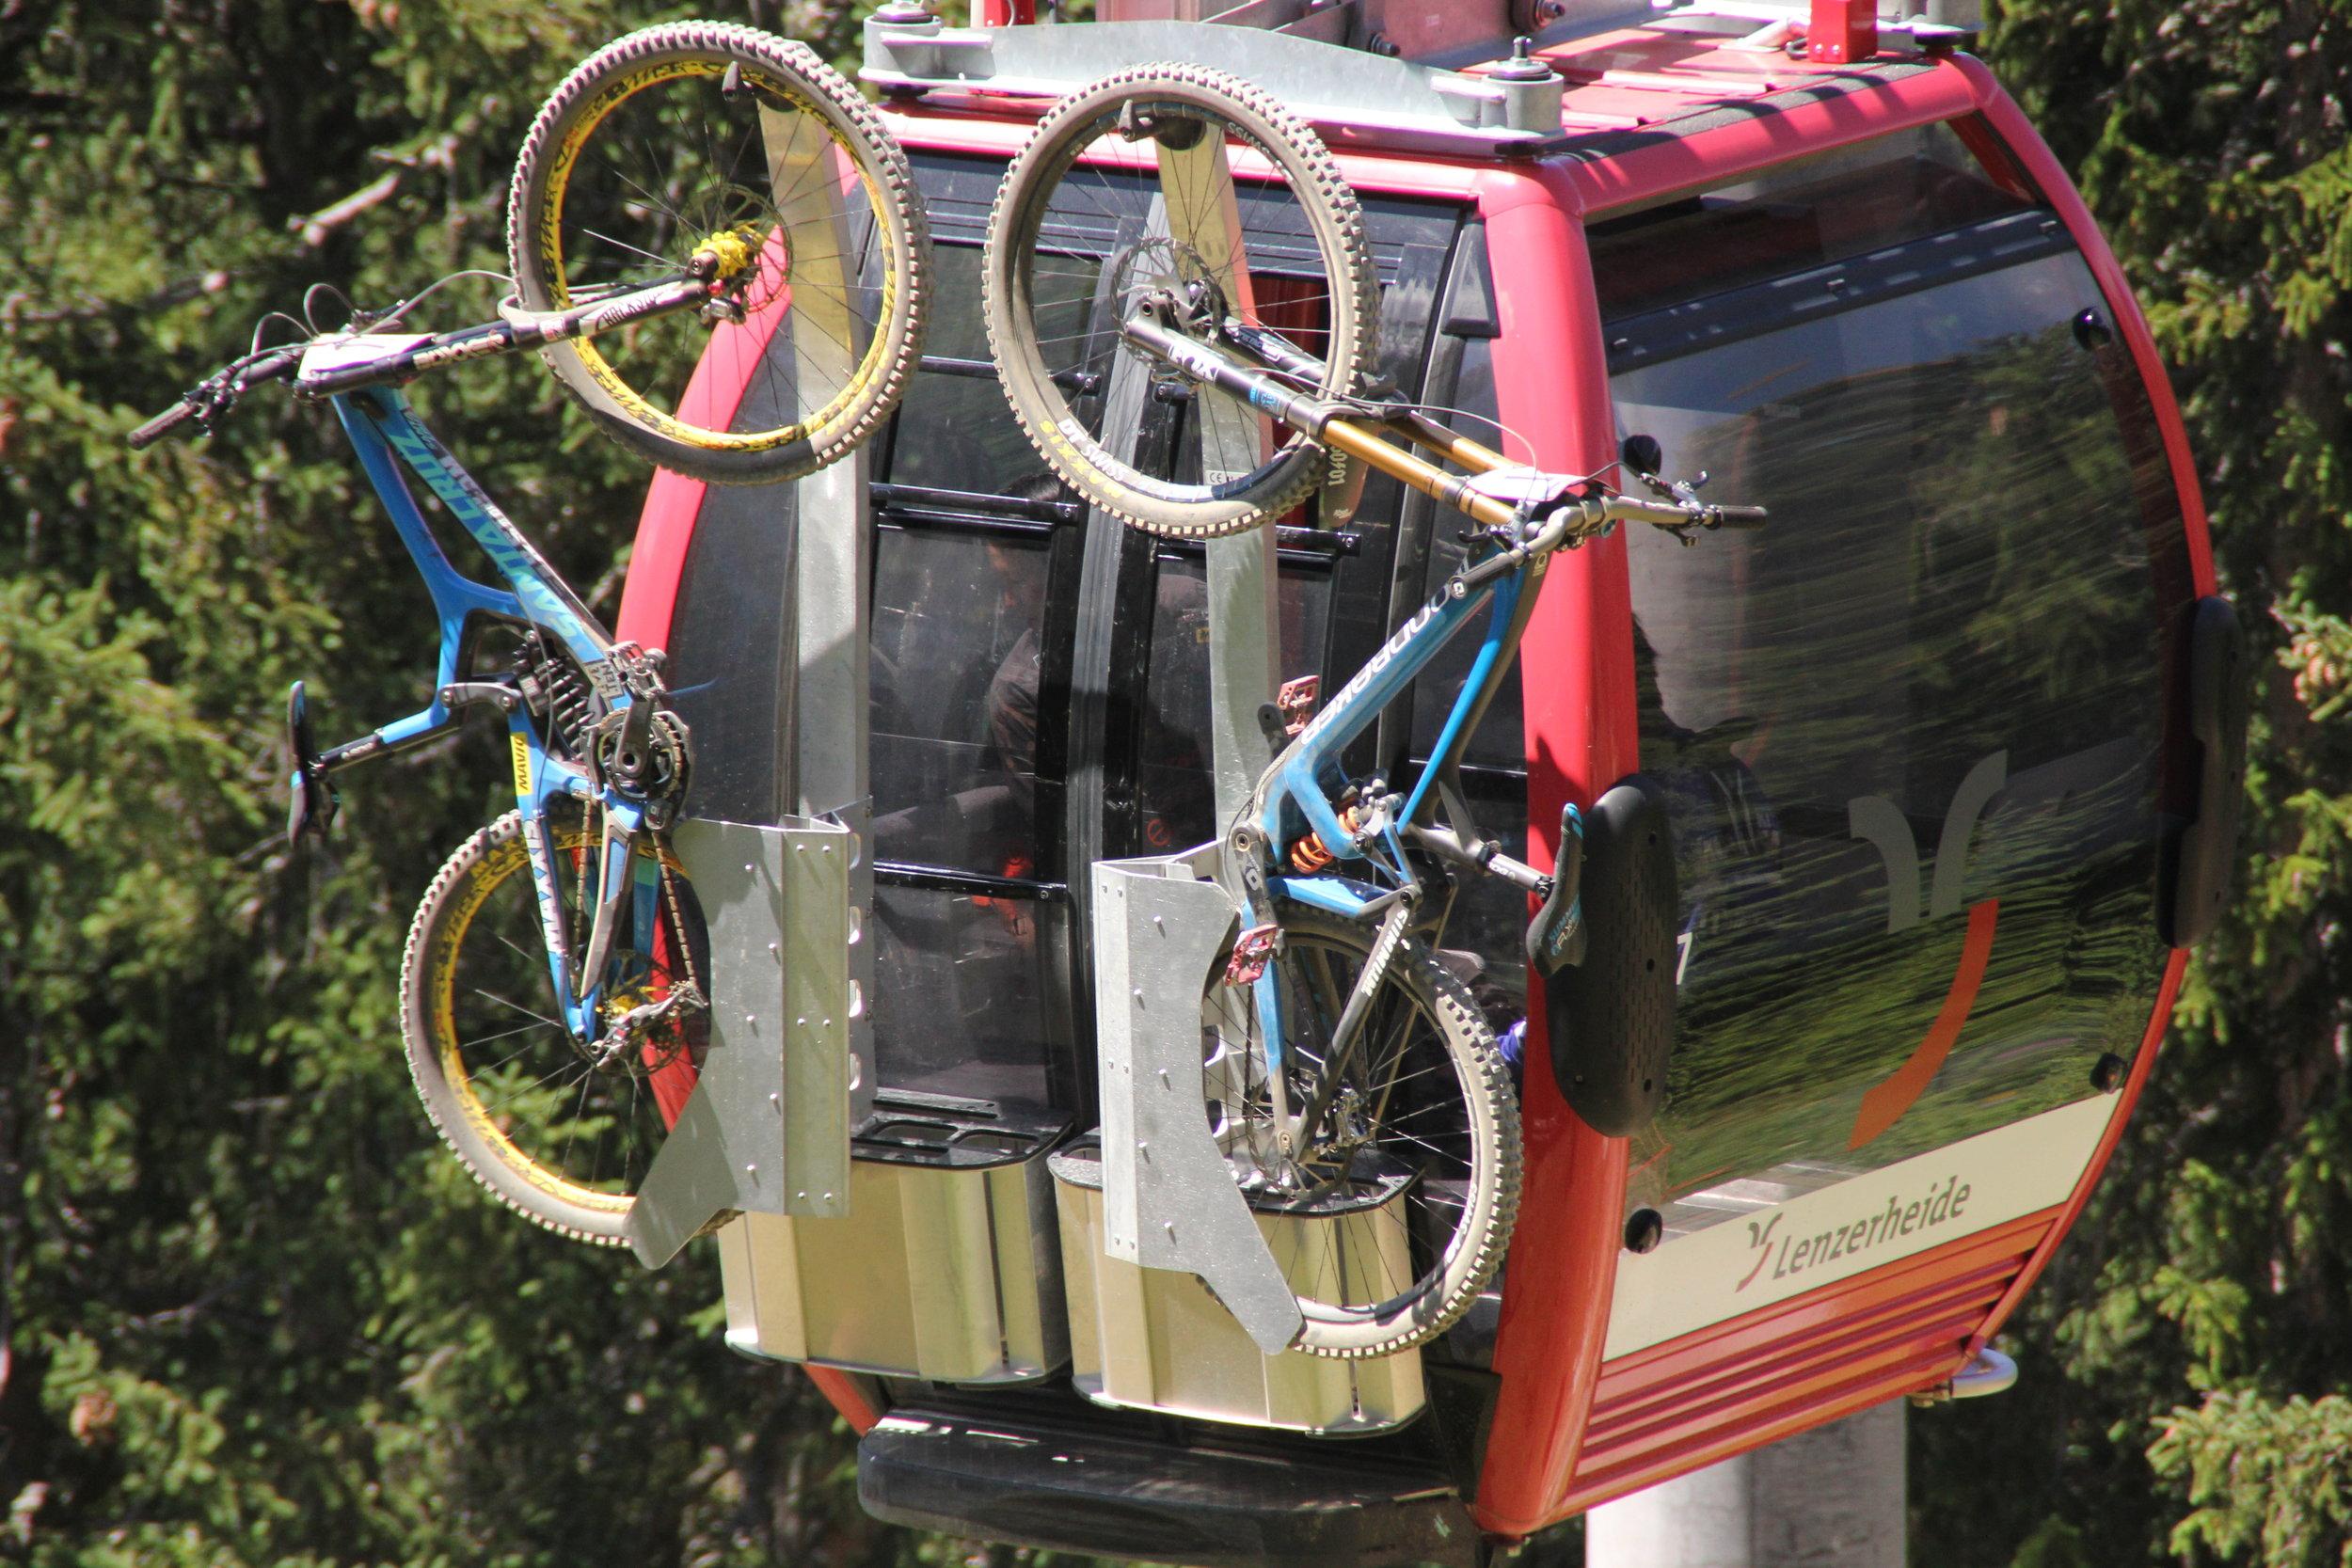 バイクラックの安定感がすごい。これ、バイクが汚れていても、室内は汚れないのでいいですね。